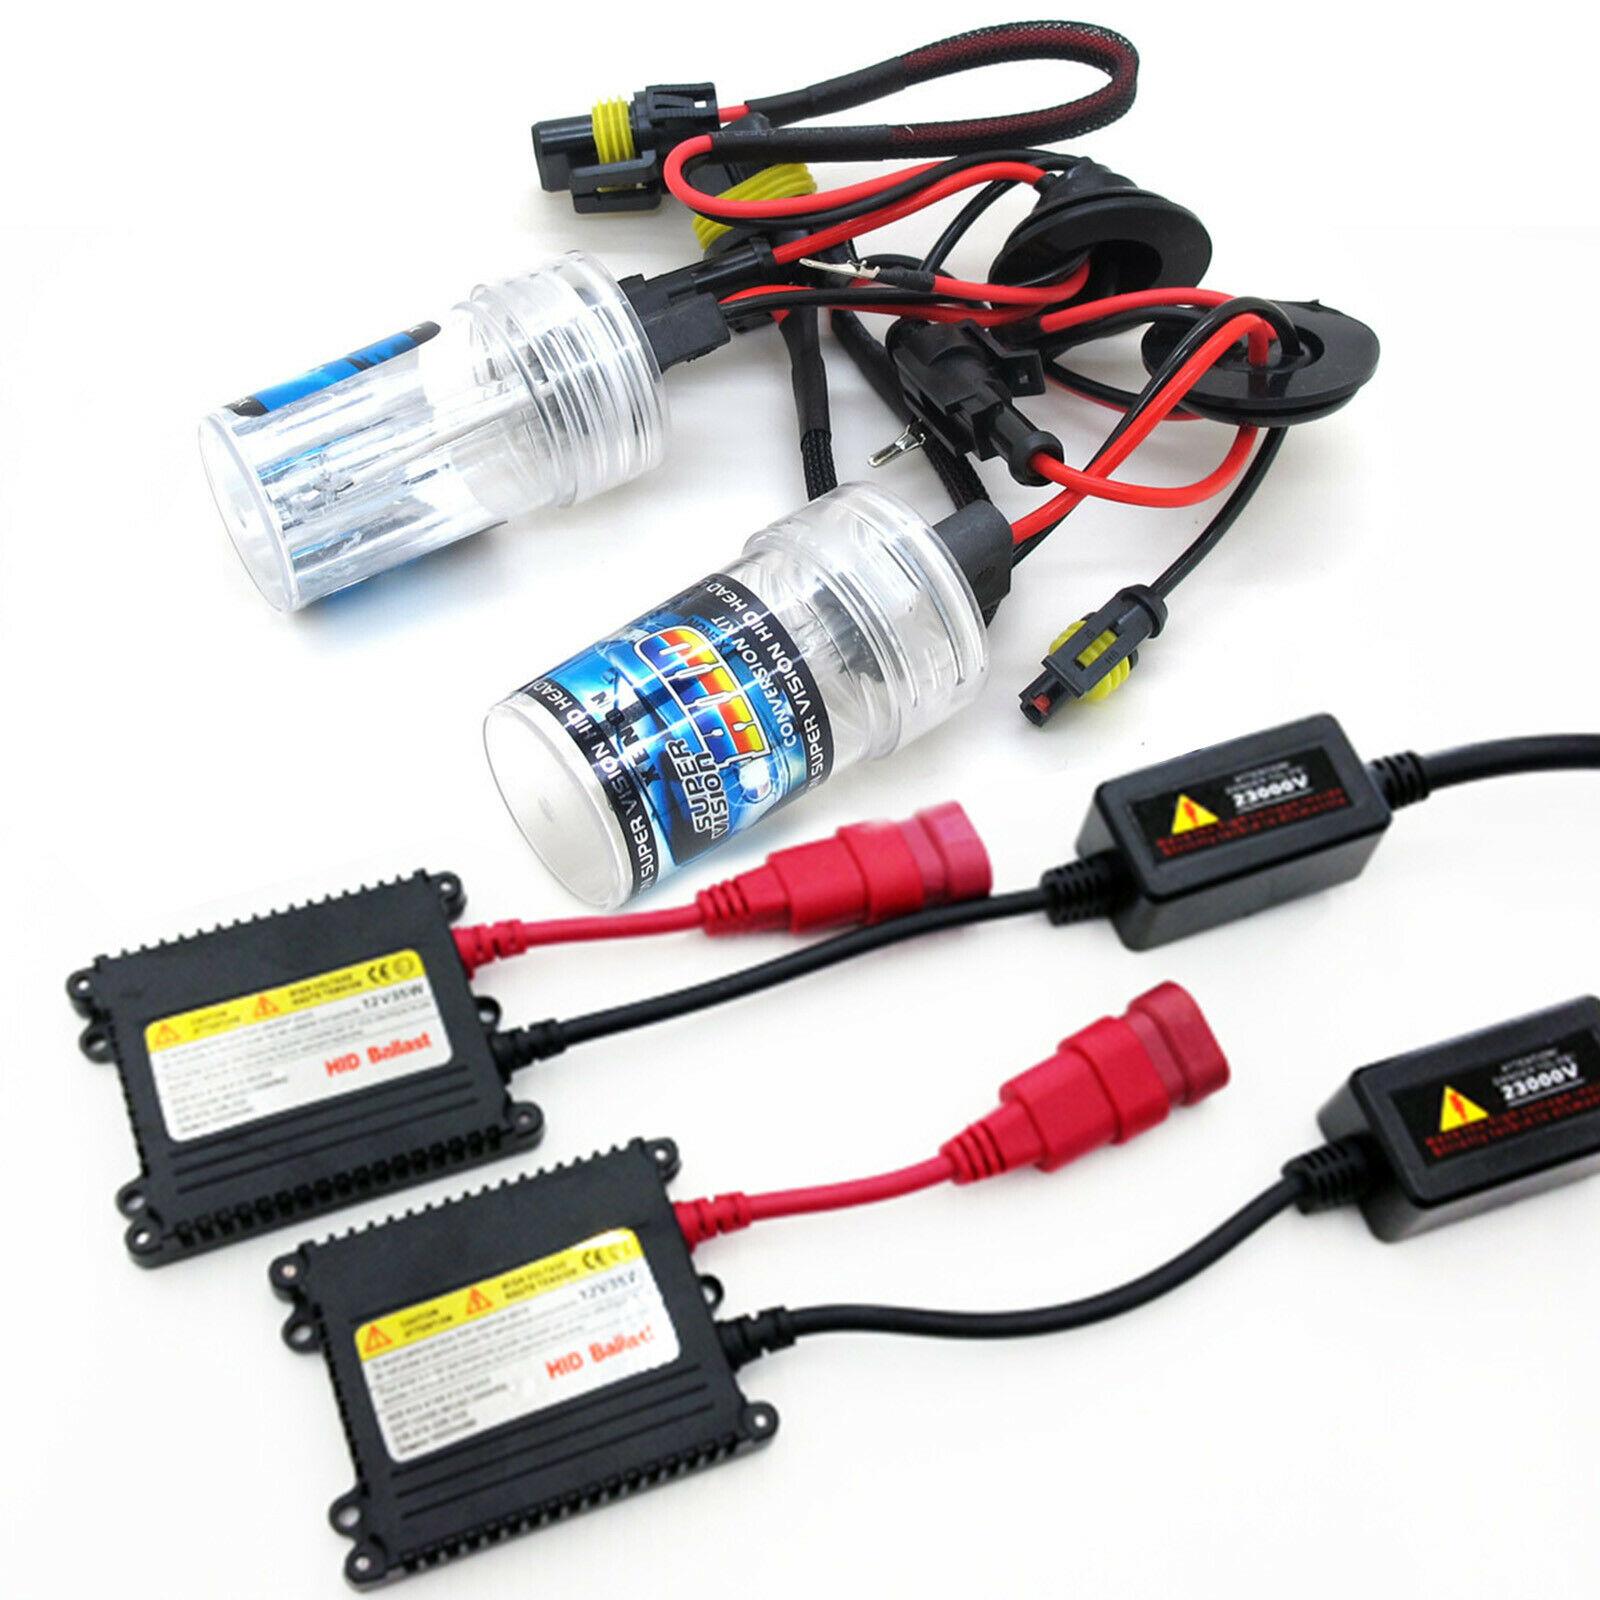 HID Xenon Lights Kit H1 H3 H7 H8 H9 H10 H11 H16 9005 9006 HB3 HB4 35W Slim Ballast 4300K 5000K  6000K  8000K  10000K 12000K